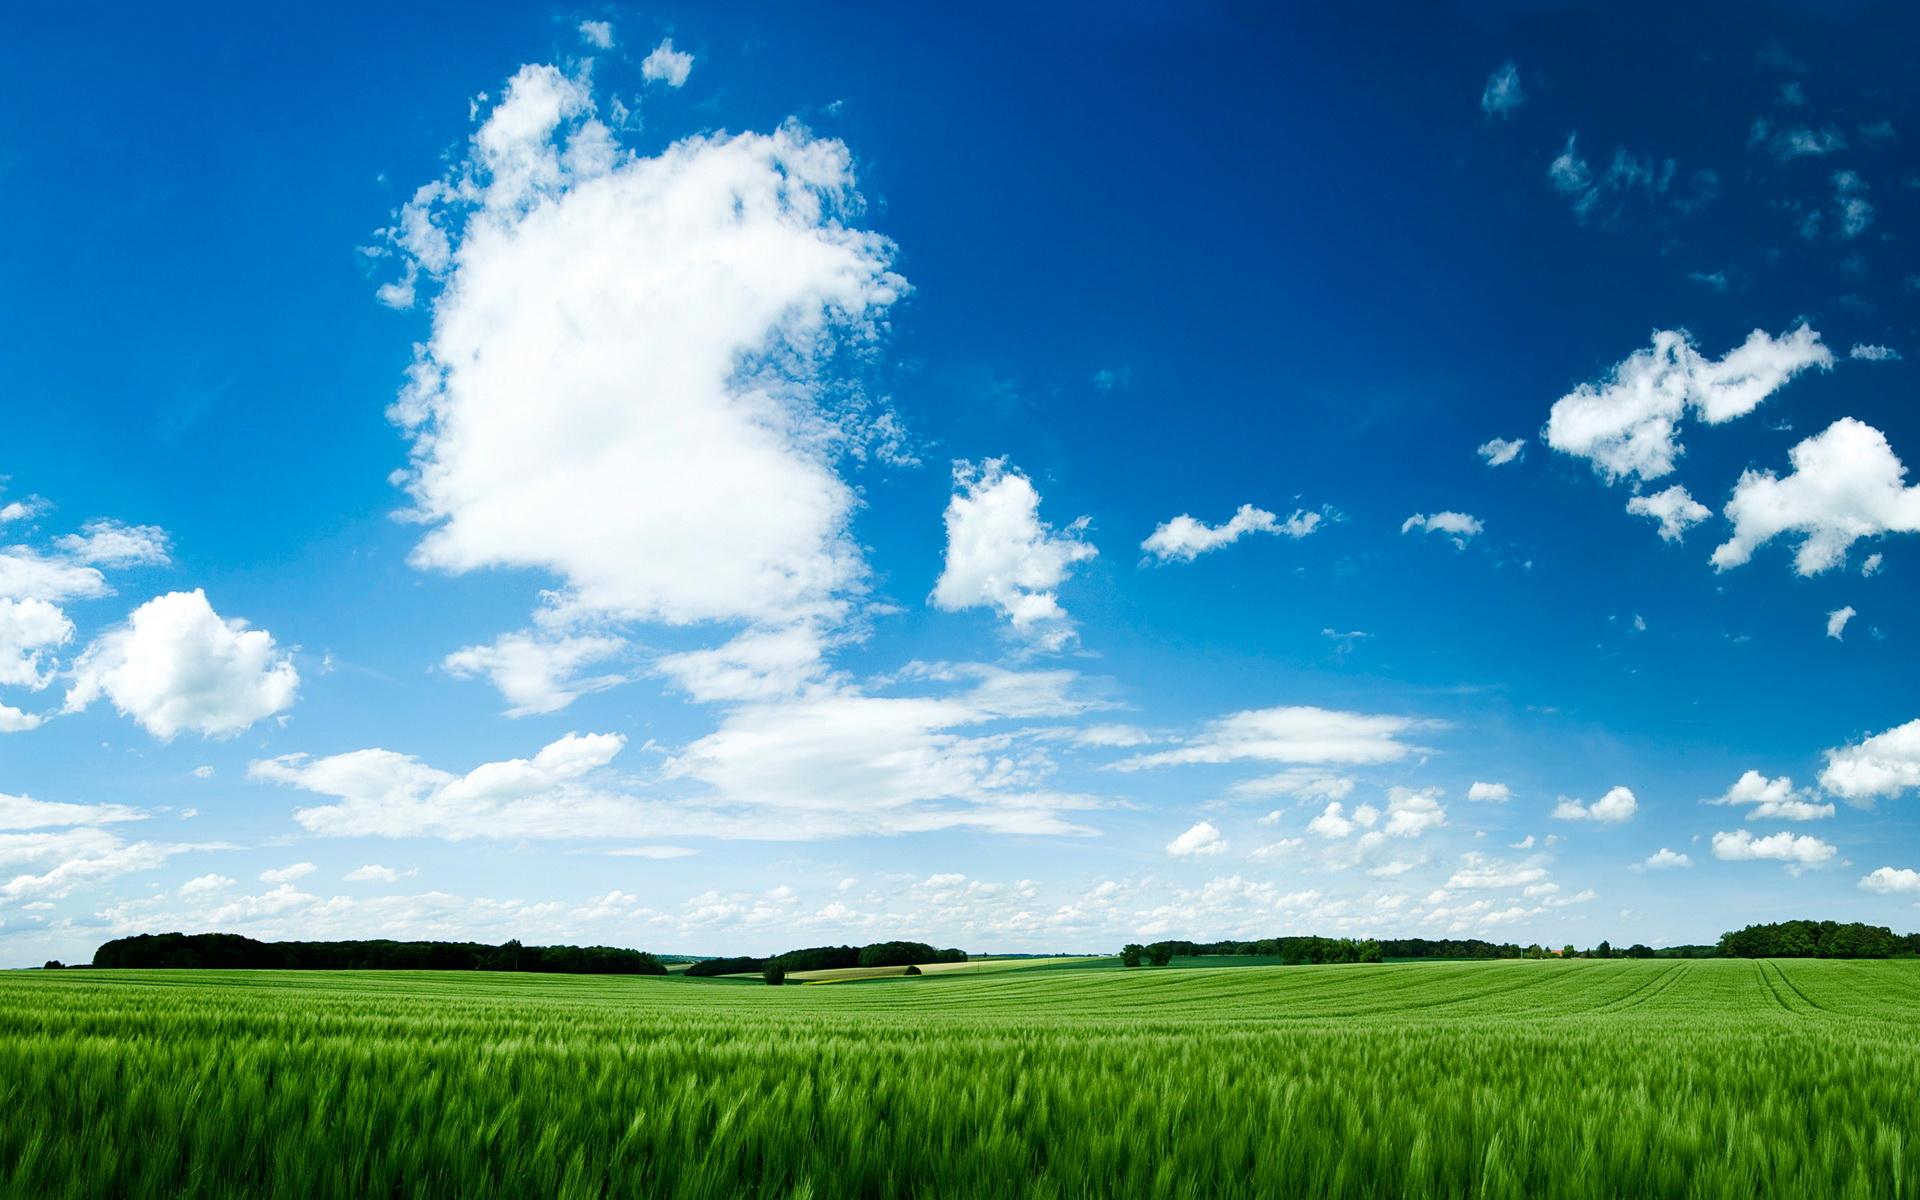 宽屏风景-绿色环保05(1920x1200)壁纸 - 桌面壁纸